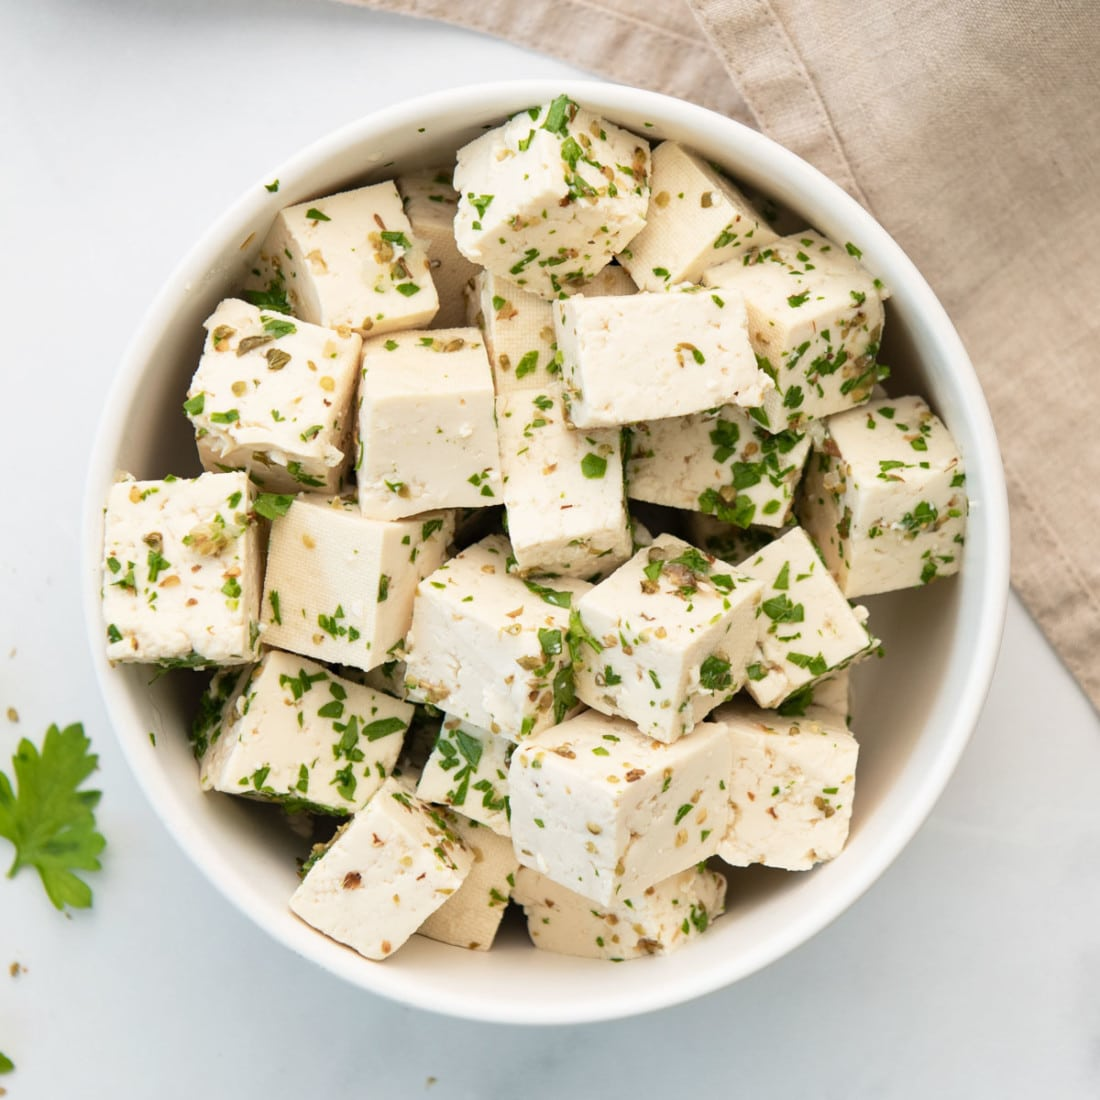 vegan feta cheese recipe made with tofu